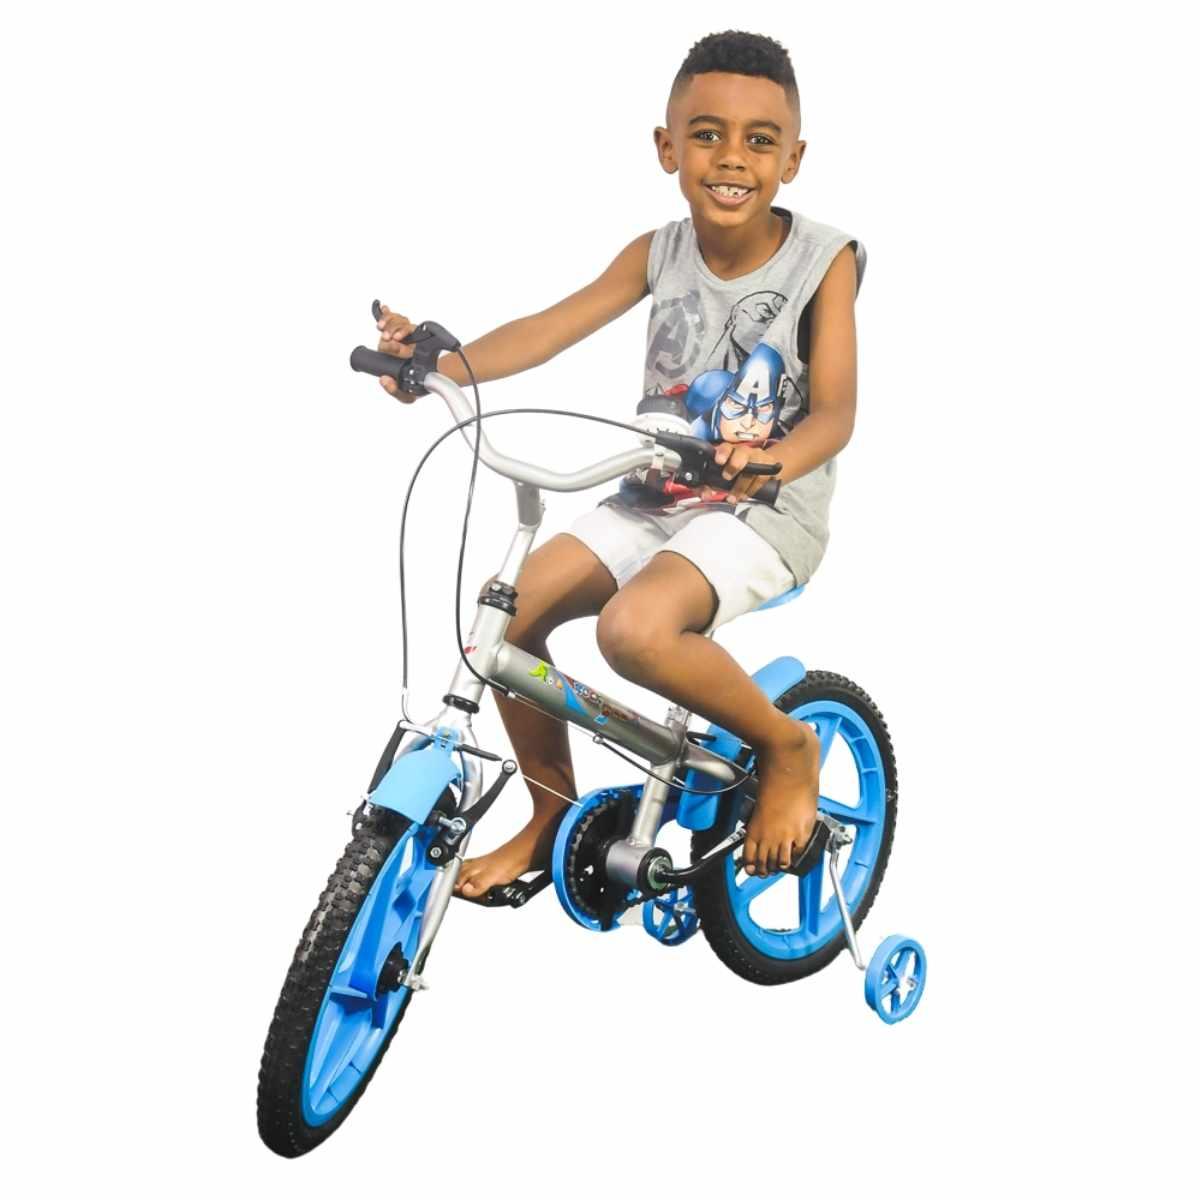 Bicicleta Infantil Rock Prata e Azul Aro 16 com rodinha